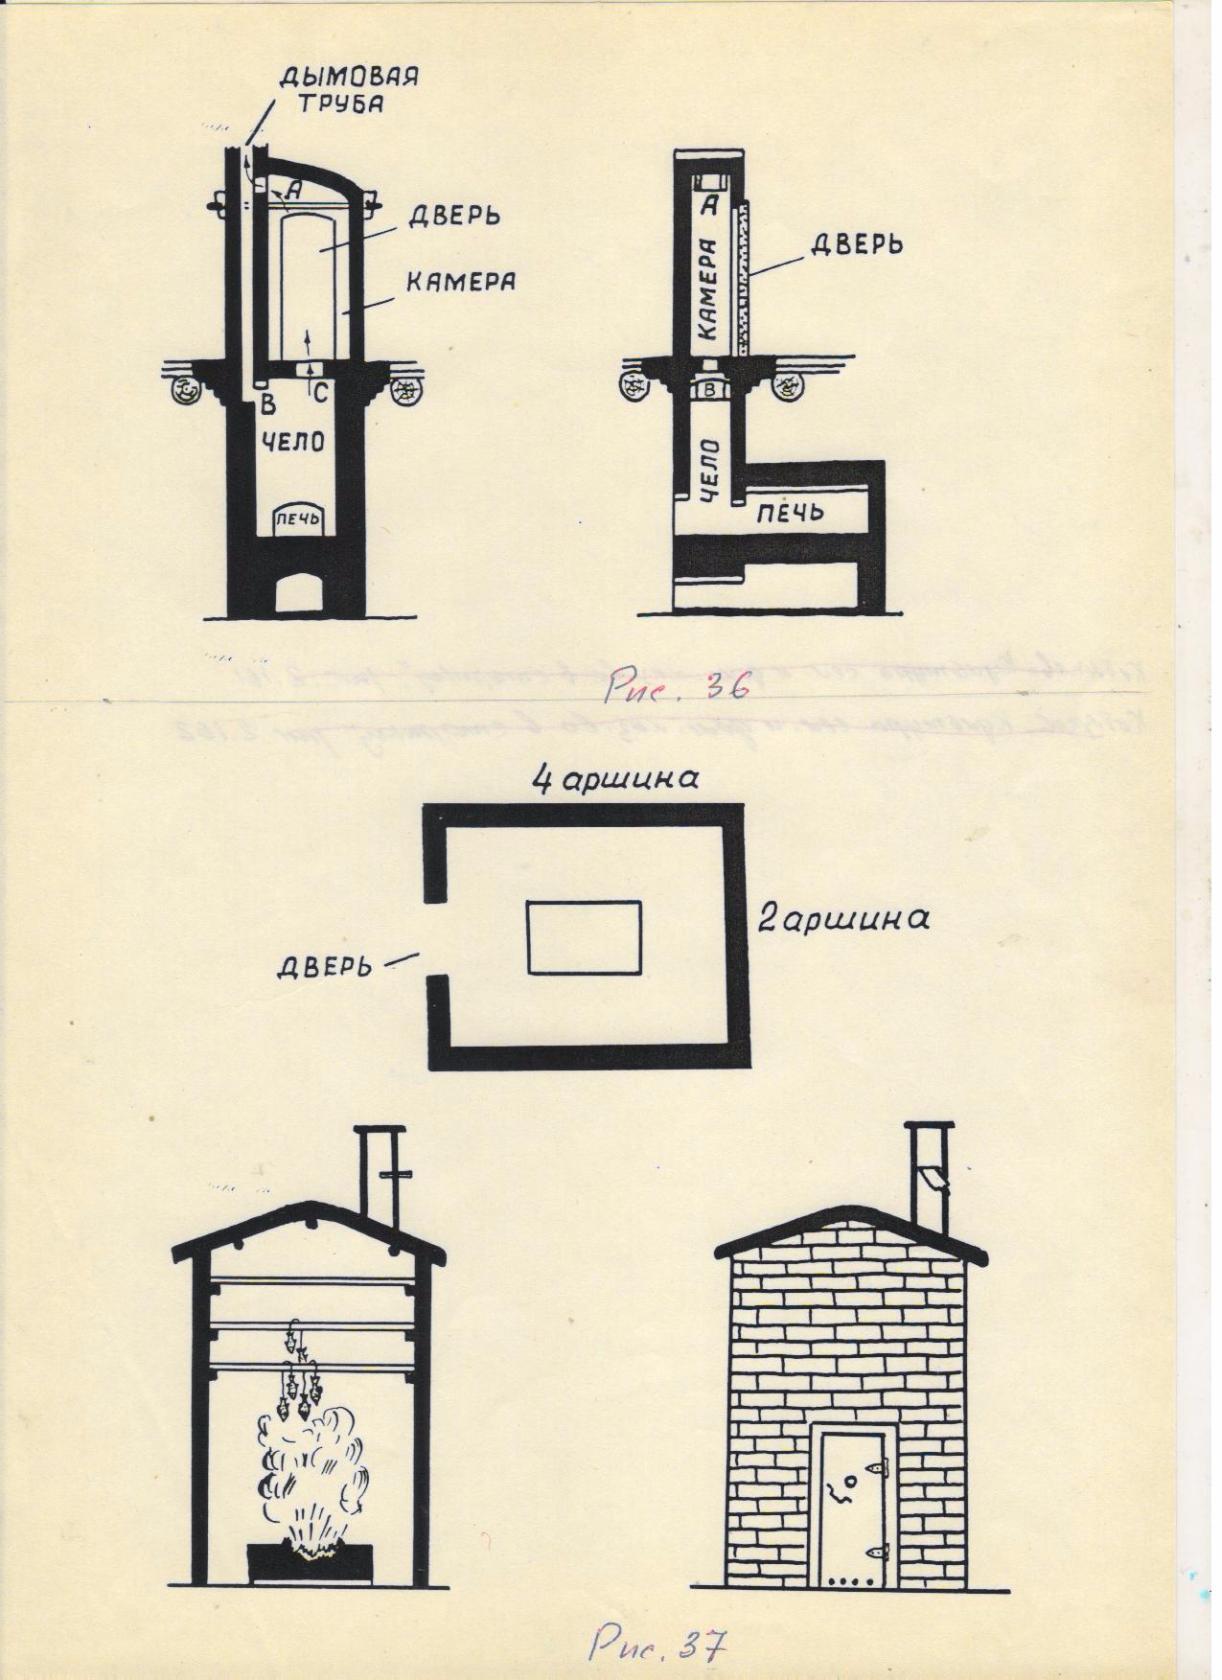 Векторный рисунок конструкций и архитекторами чертеж строительства.